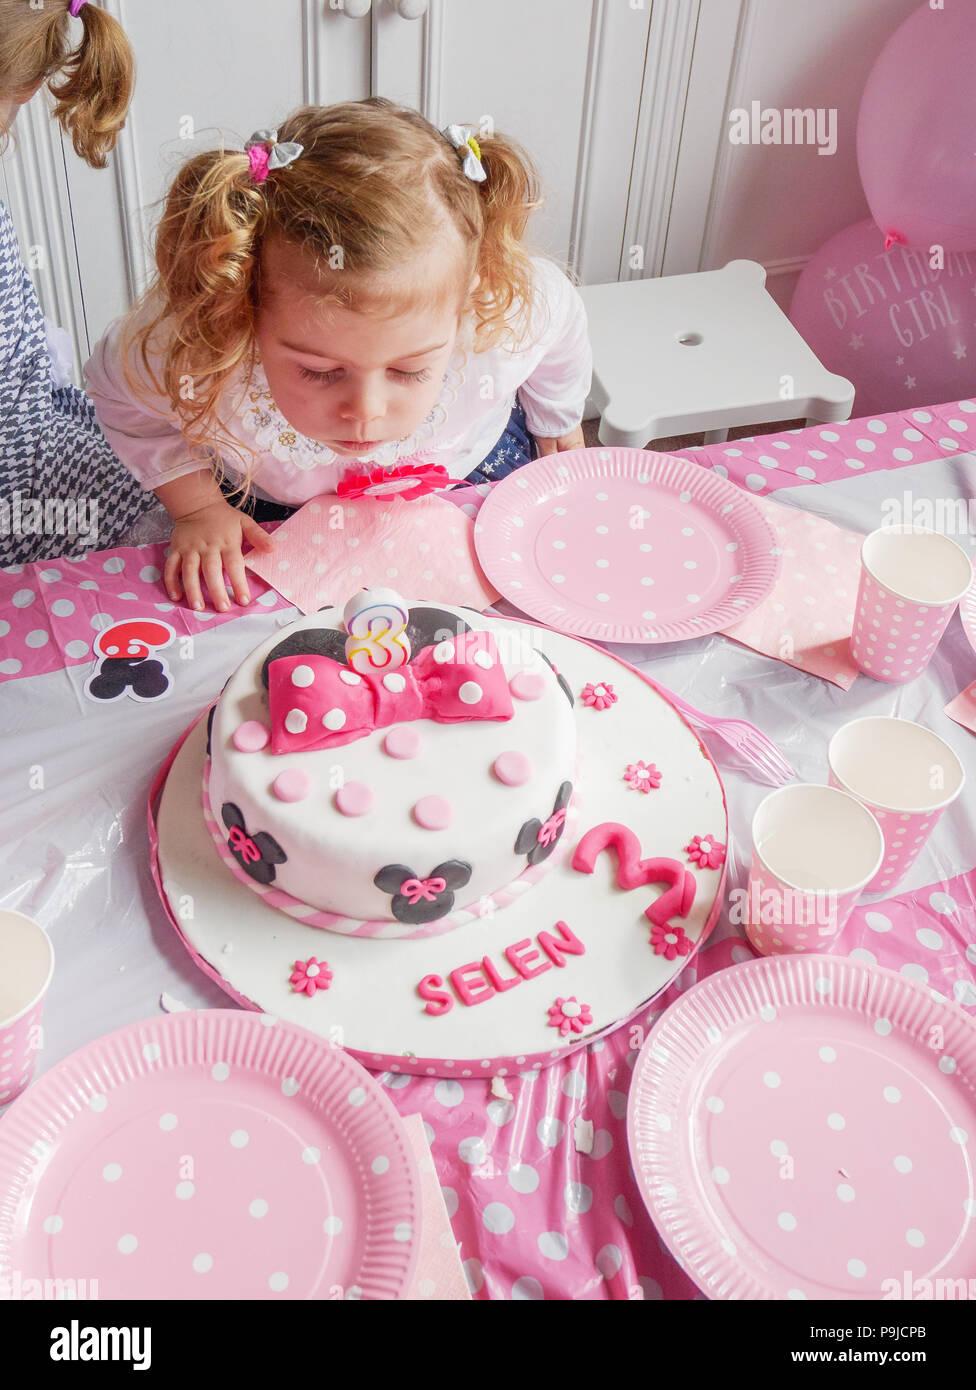 Drei Jahre Alte Madchen Blast Die Kerzen Auf Dem Geburtstagskuchen